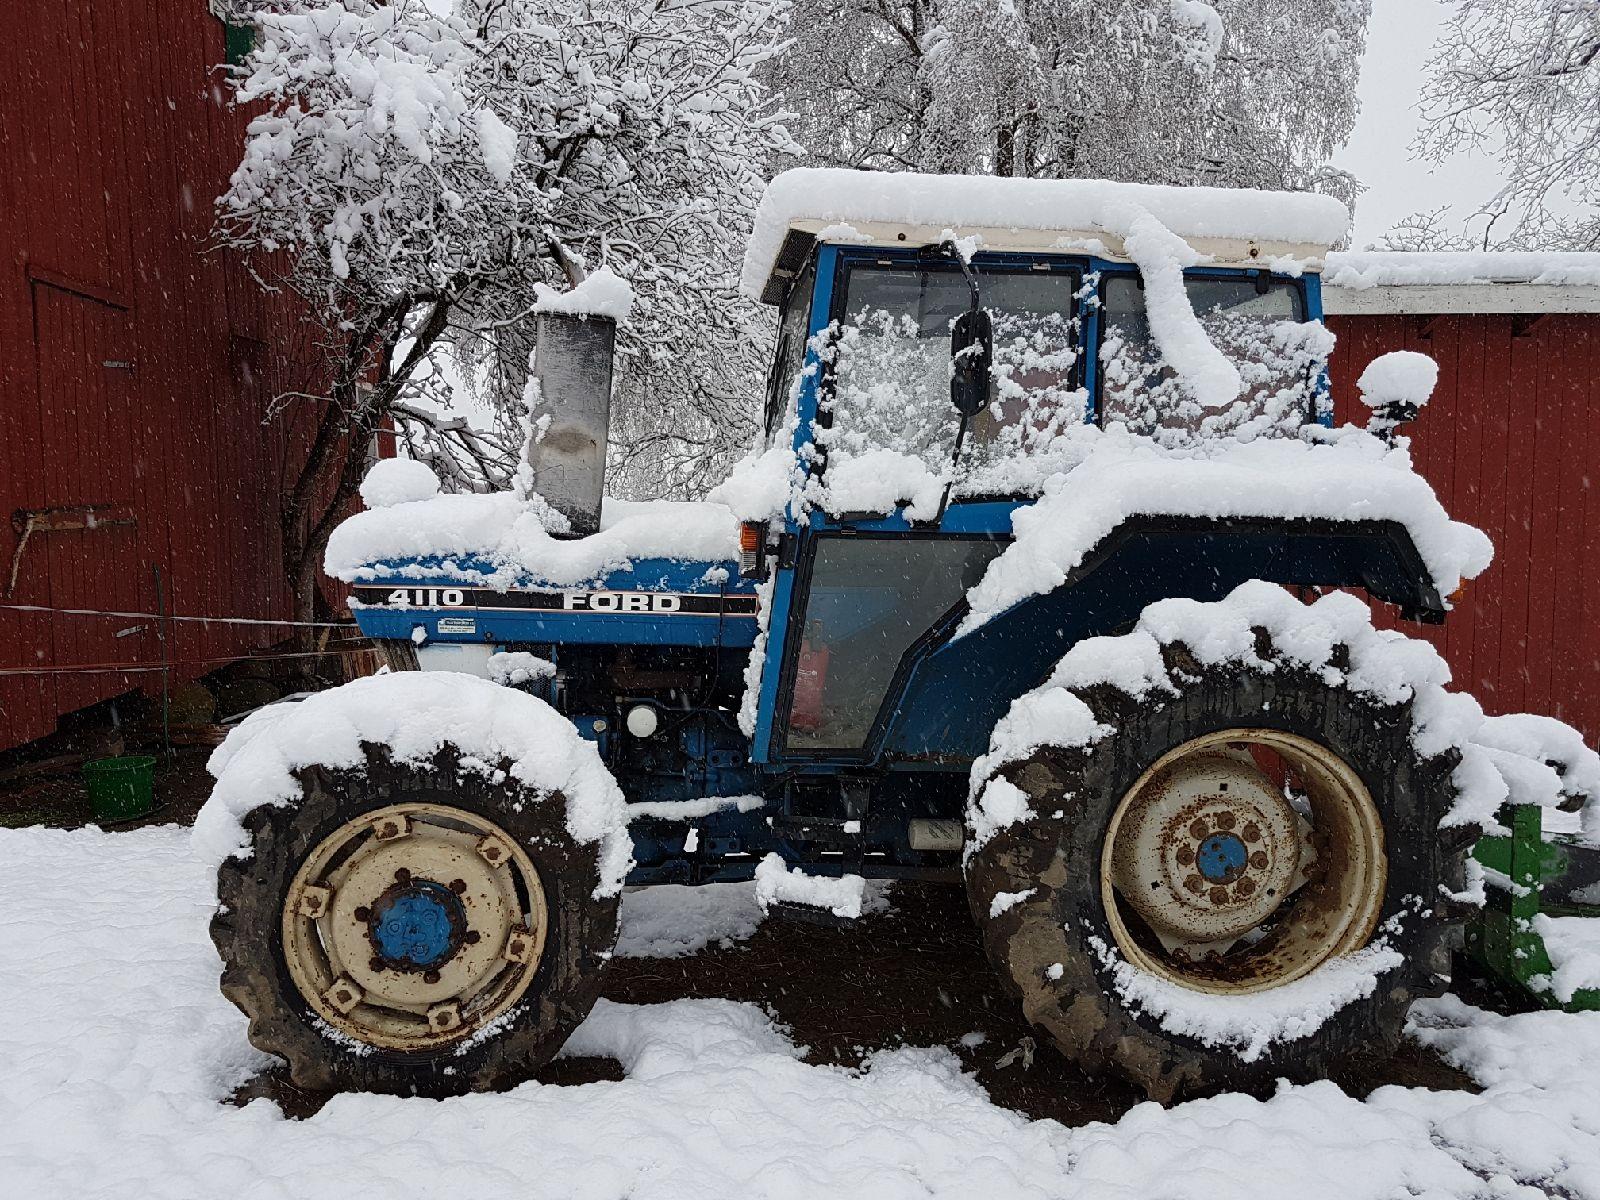 13 cm i Hurdal, melder innsender. Ser ut som traktorkjøring kan bli en kald fornøyelse i dag.